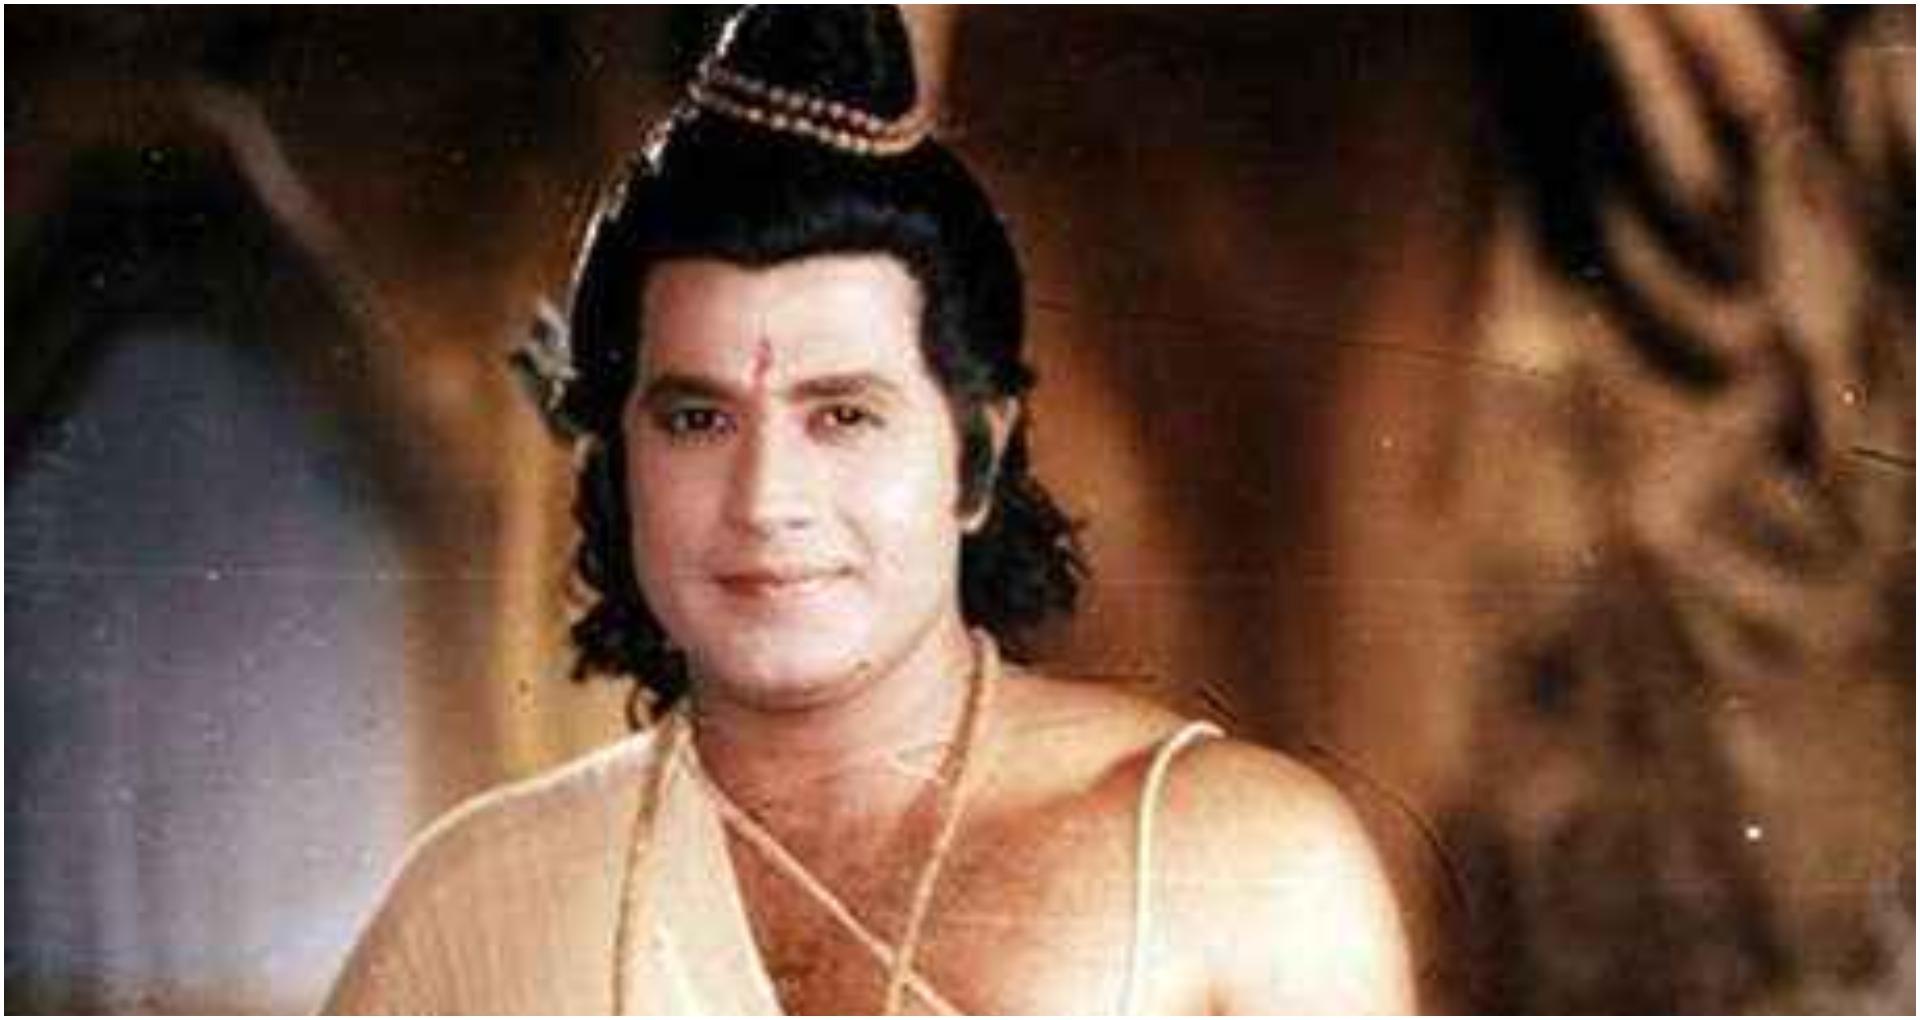 Ramayan: अरुण गोविल ने कहा, लोग उन्हें भगवान समझने लगे थे, एक औरत ने अपने बीमार बच्चे को मेरे पैरों में रखा…